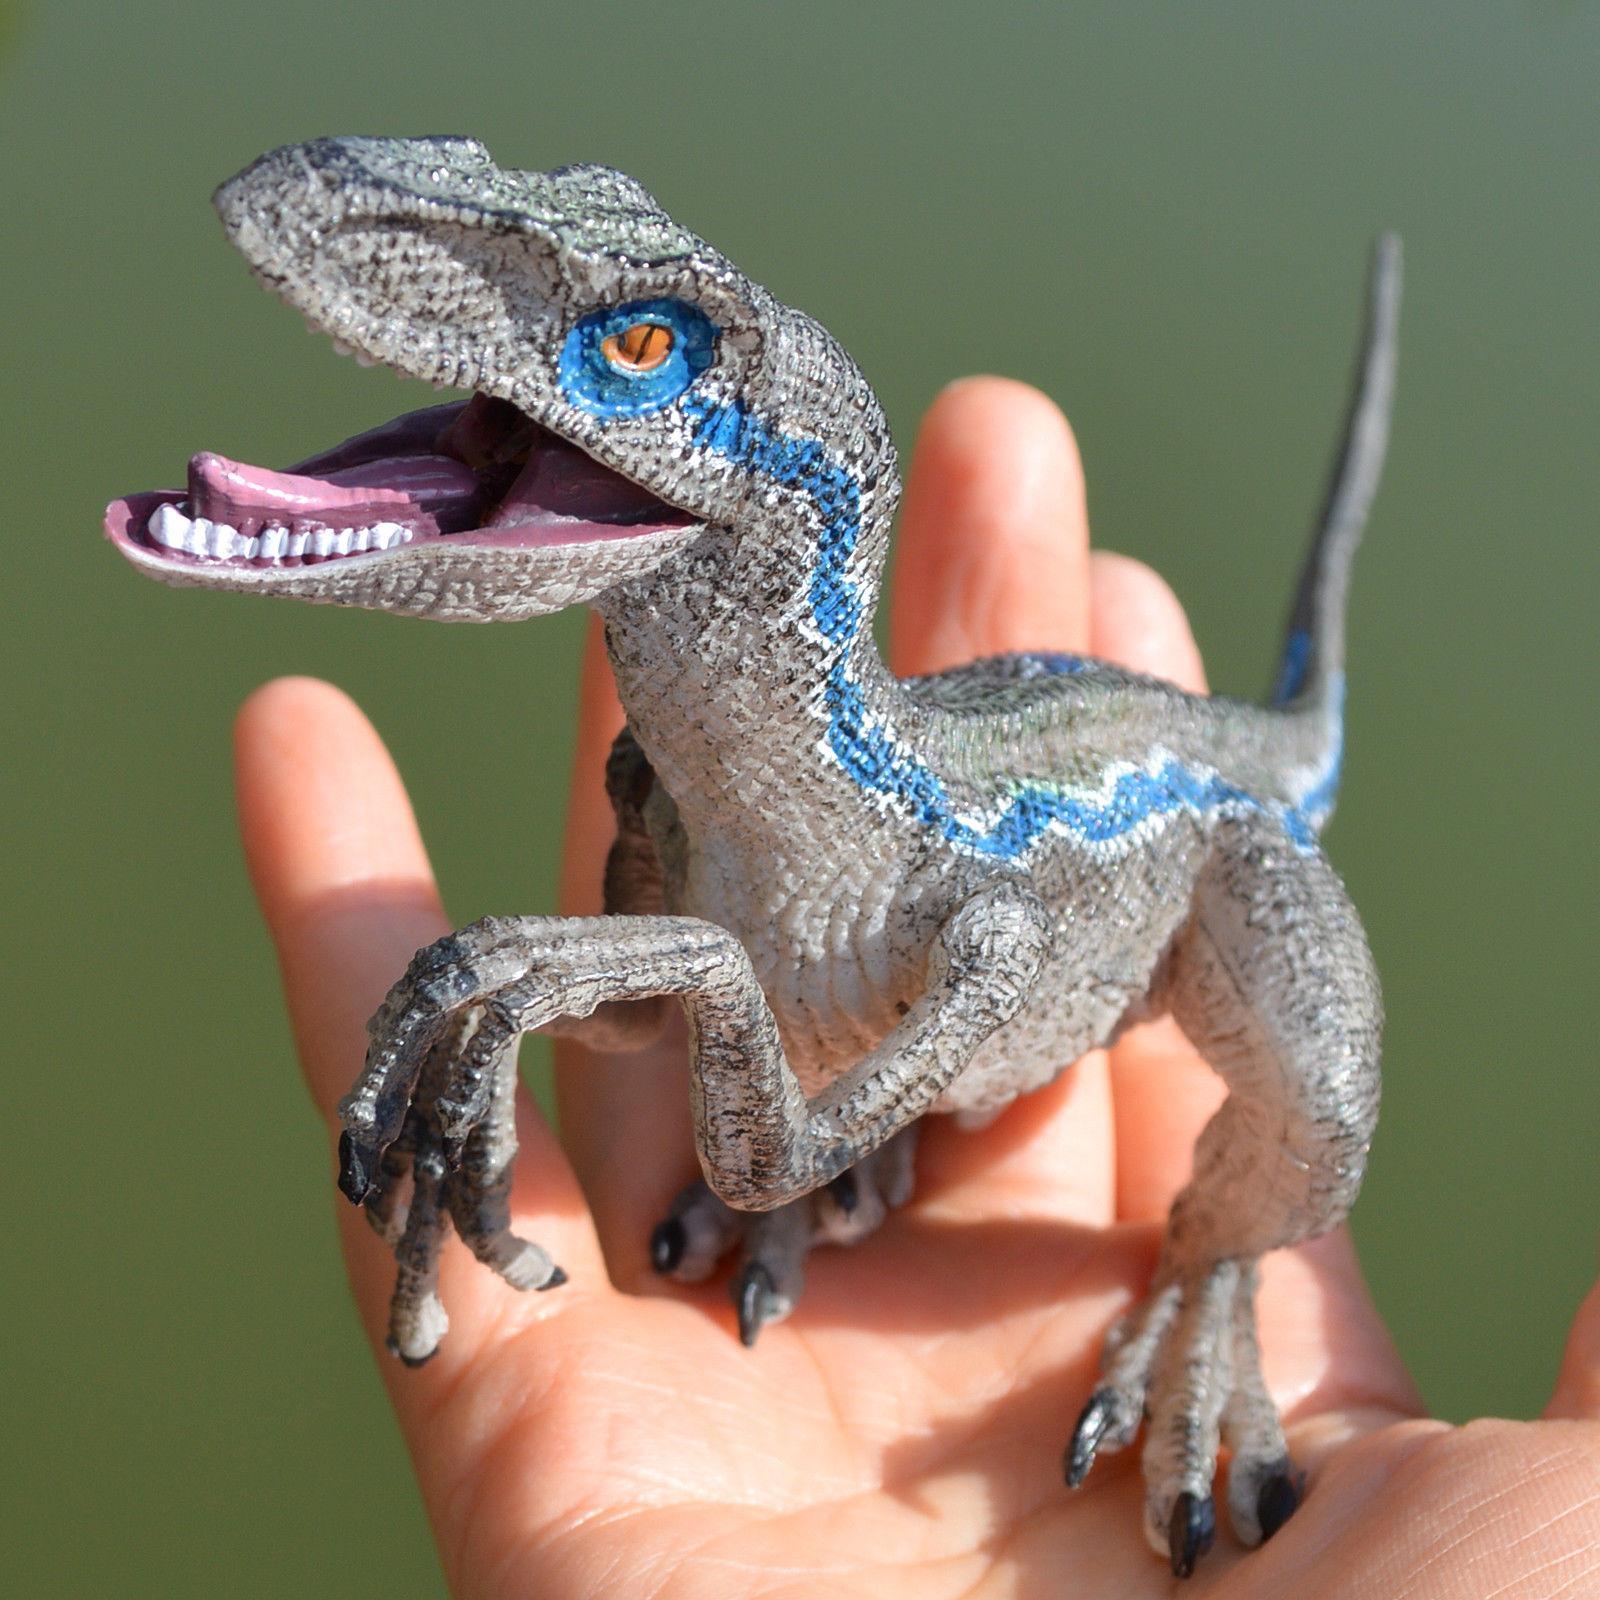 Jurassic Blue Dinosaur Velociraptor Toy Educational Birthday Gift